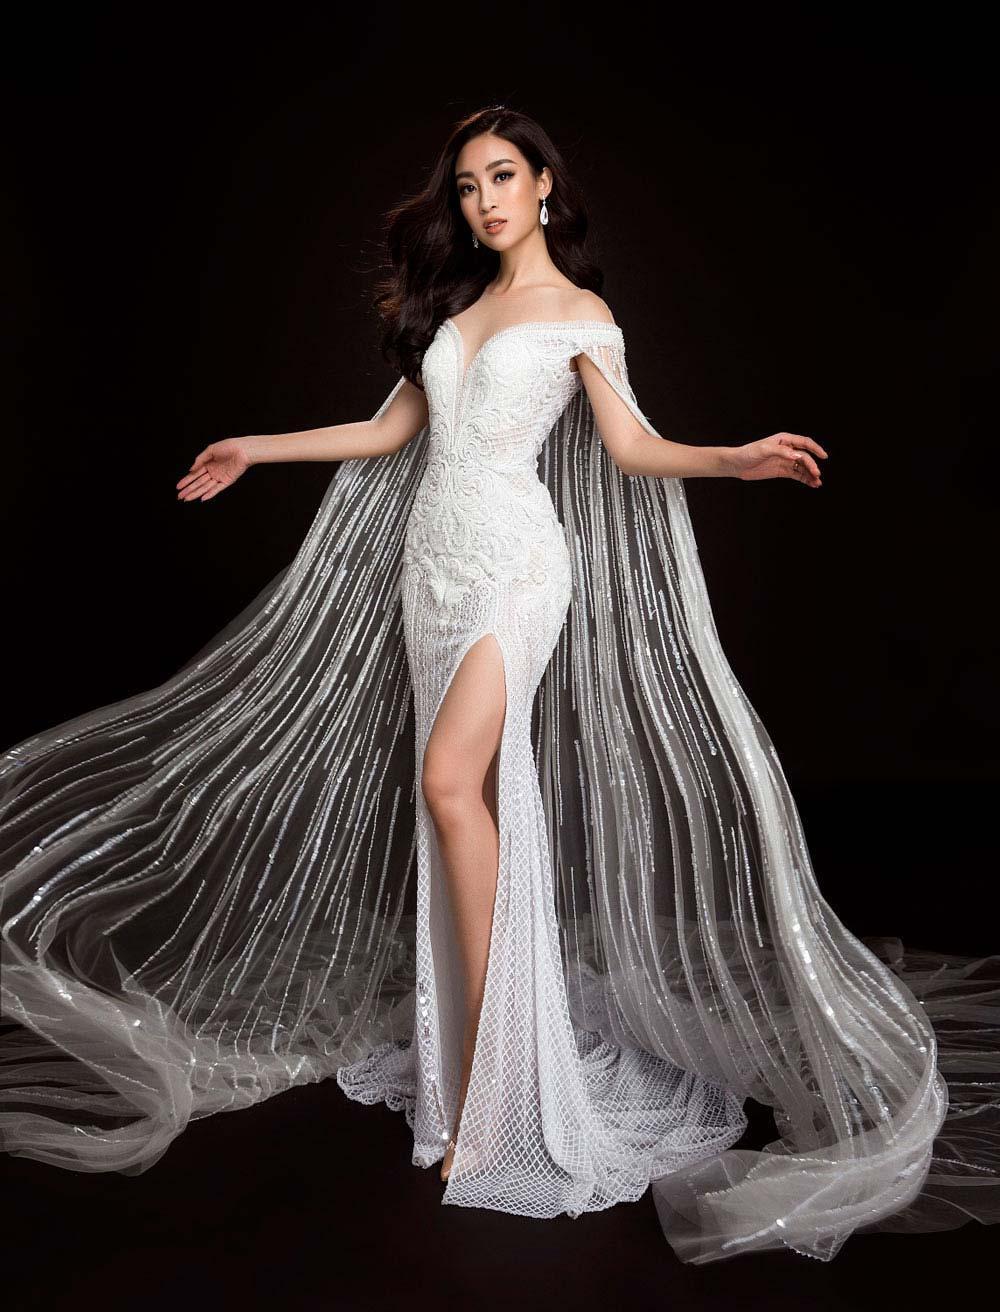 Hoa hậu Đỗ Mỹ Linh tung chiêu tại Miss World khiến người hâm mộ mát lòng-4